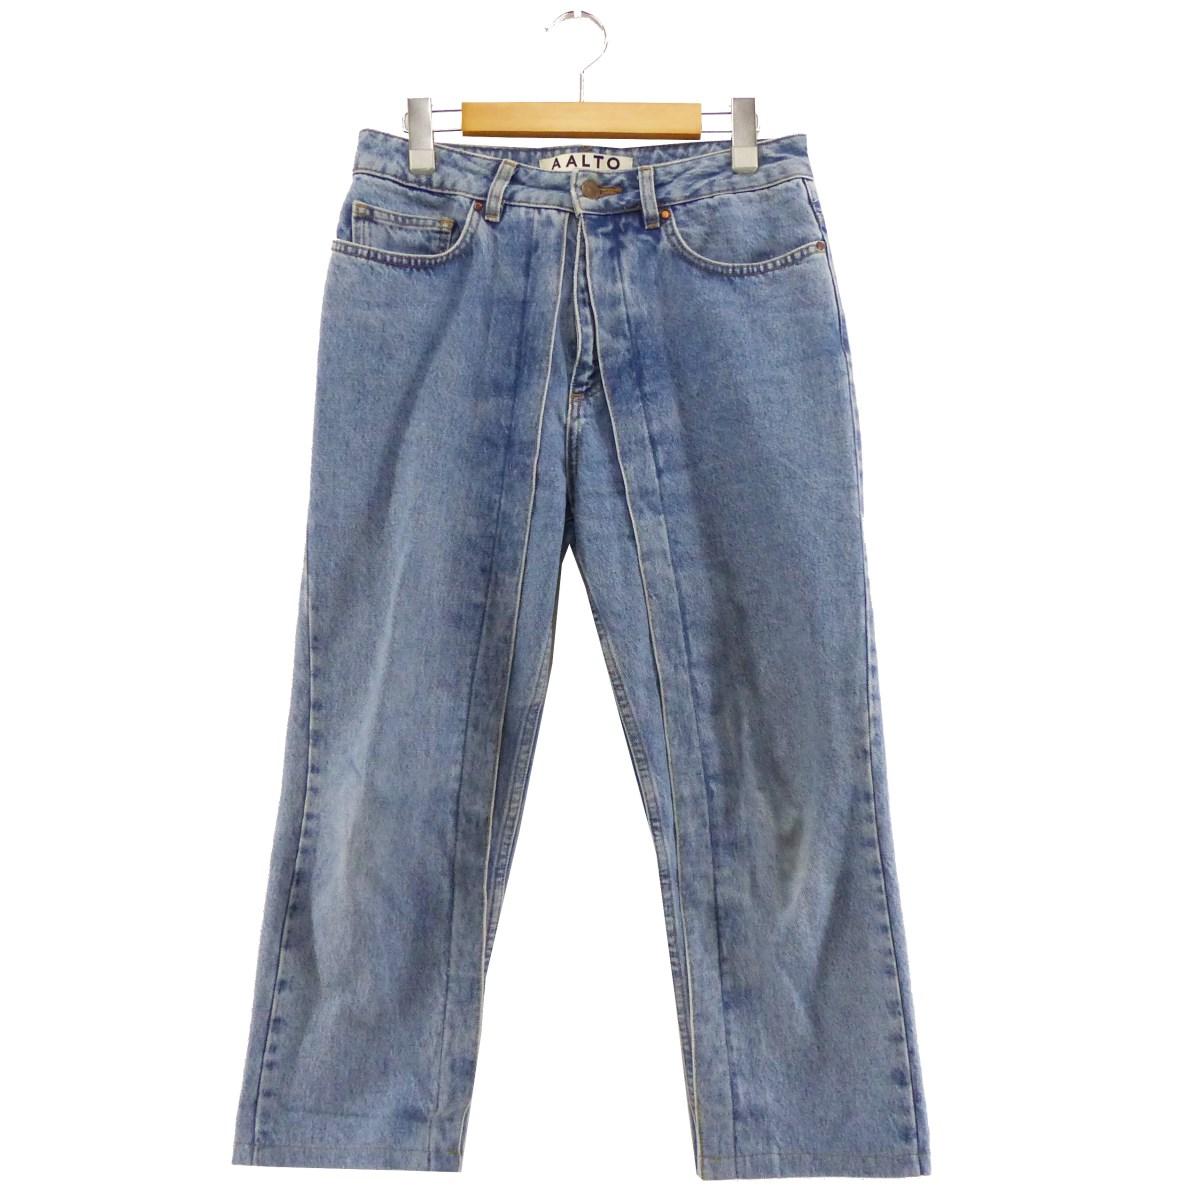 【中古】AALTO Klassische Jeans インディゴ サイズ:36 【230320】(アールト)